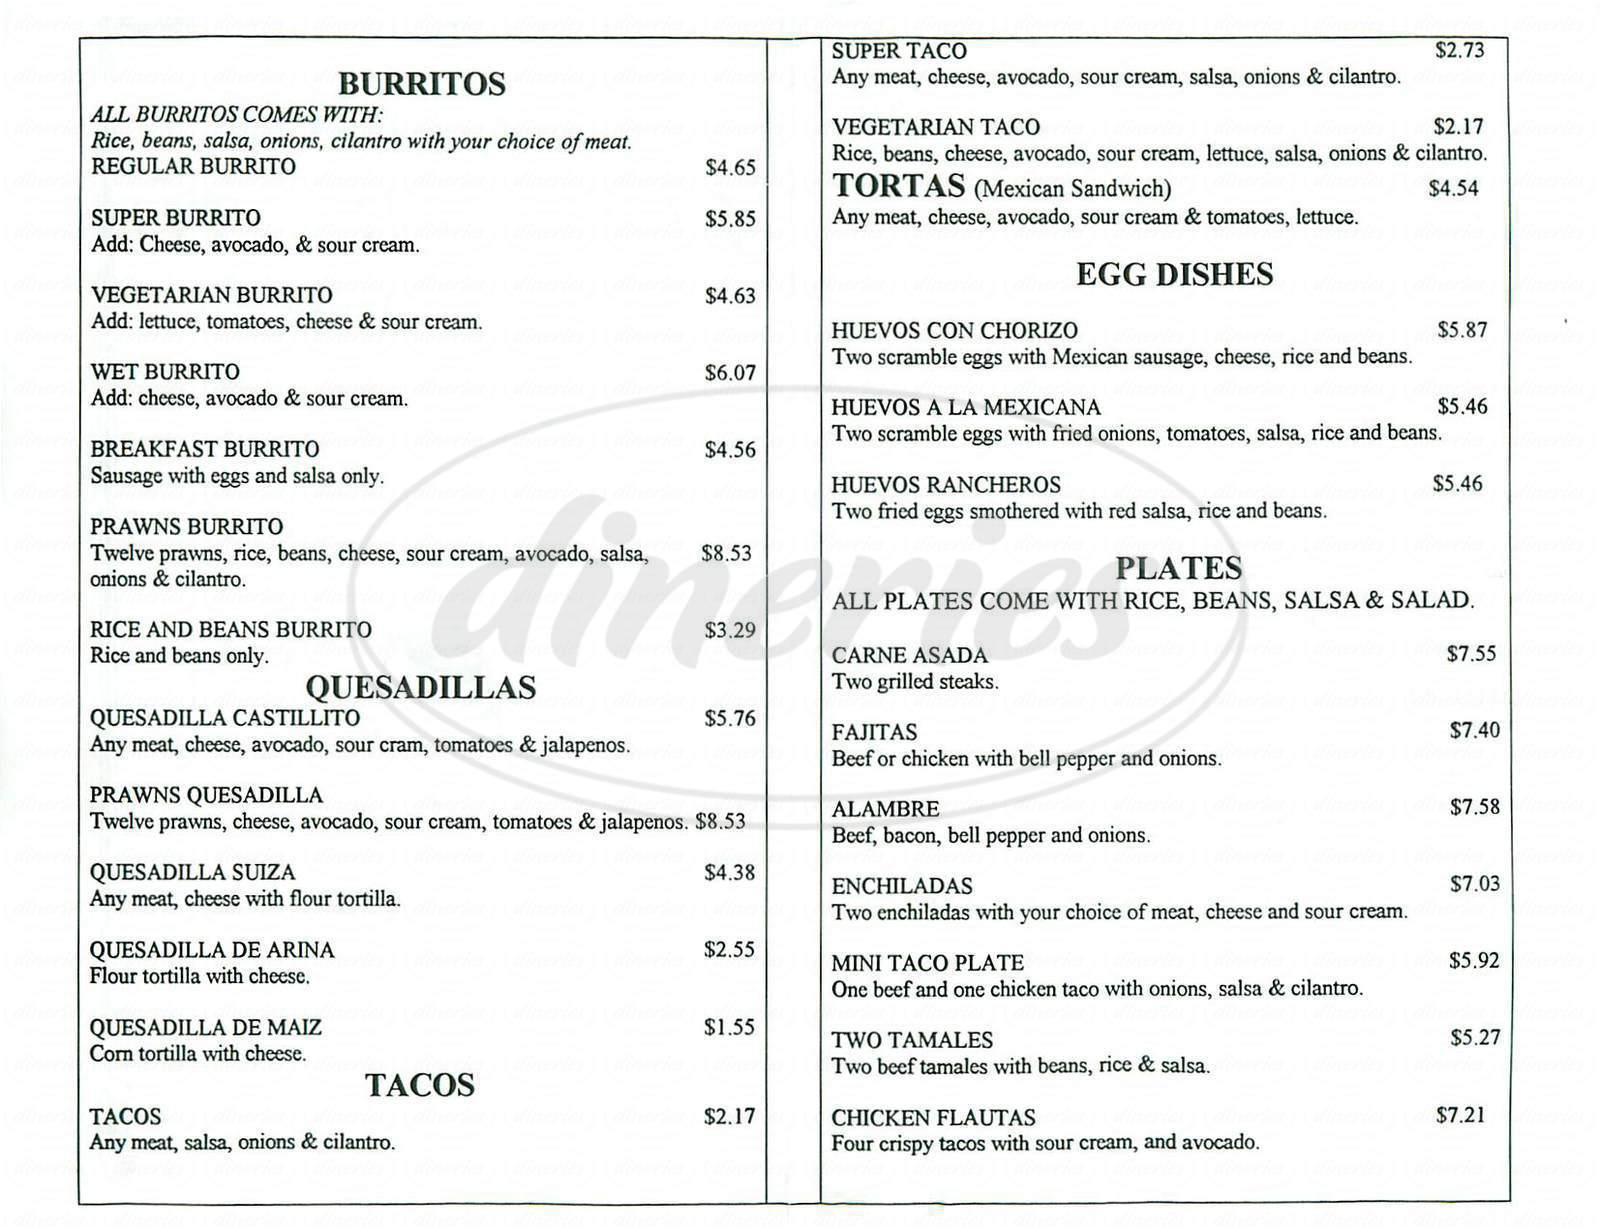 menu for Taqueria Castillito